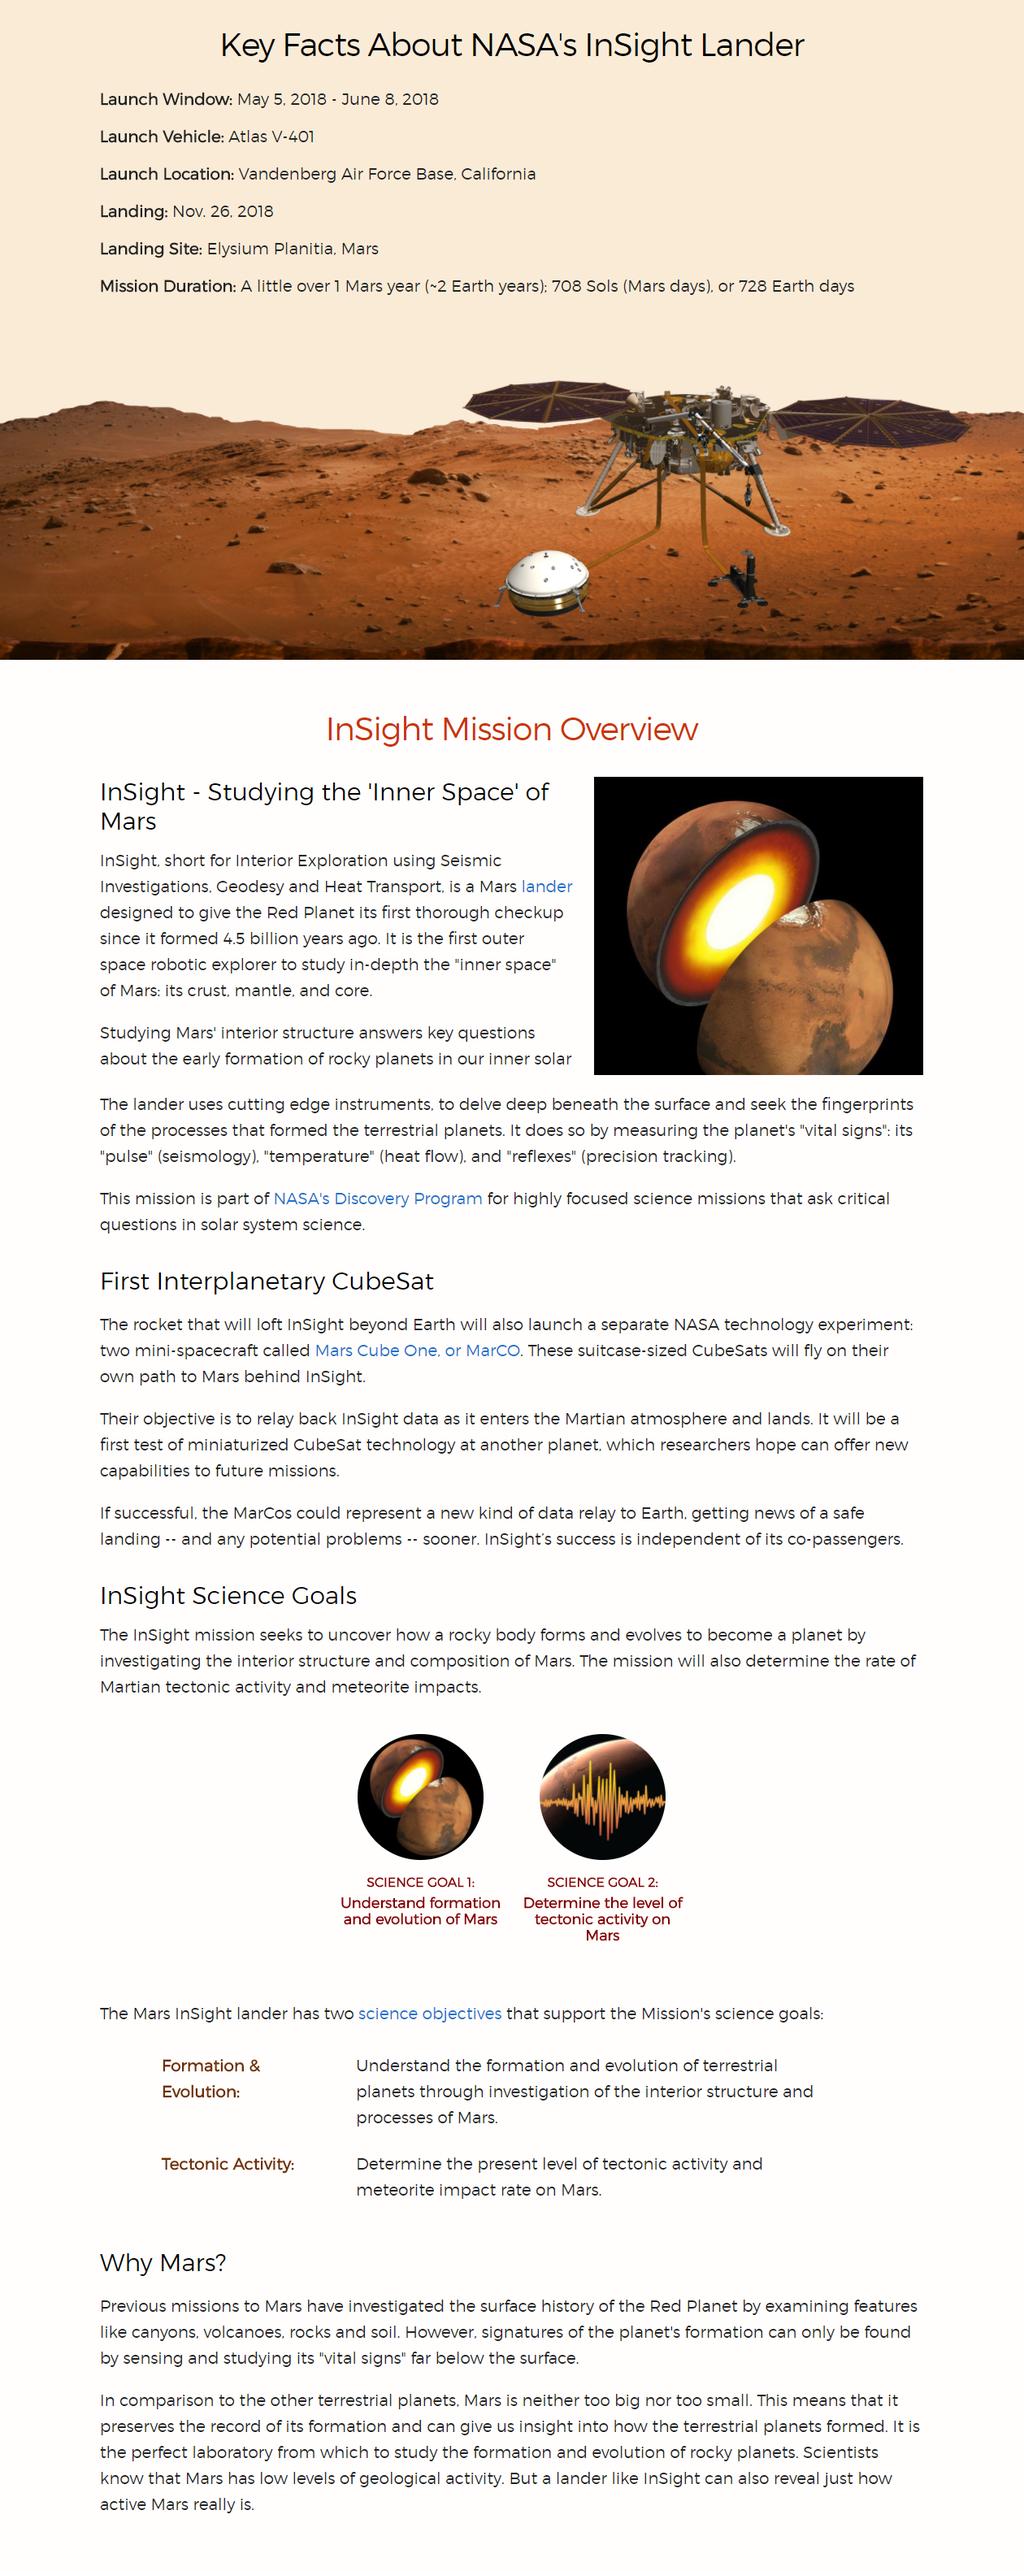 Mars InSight: Key Facts